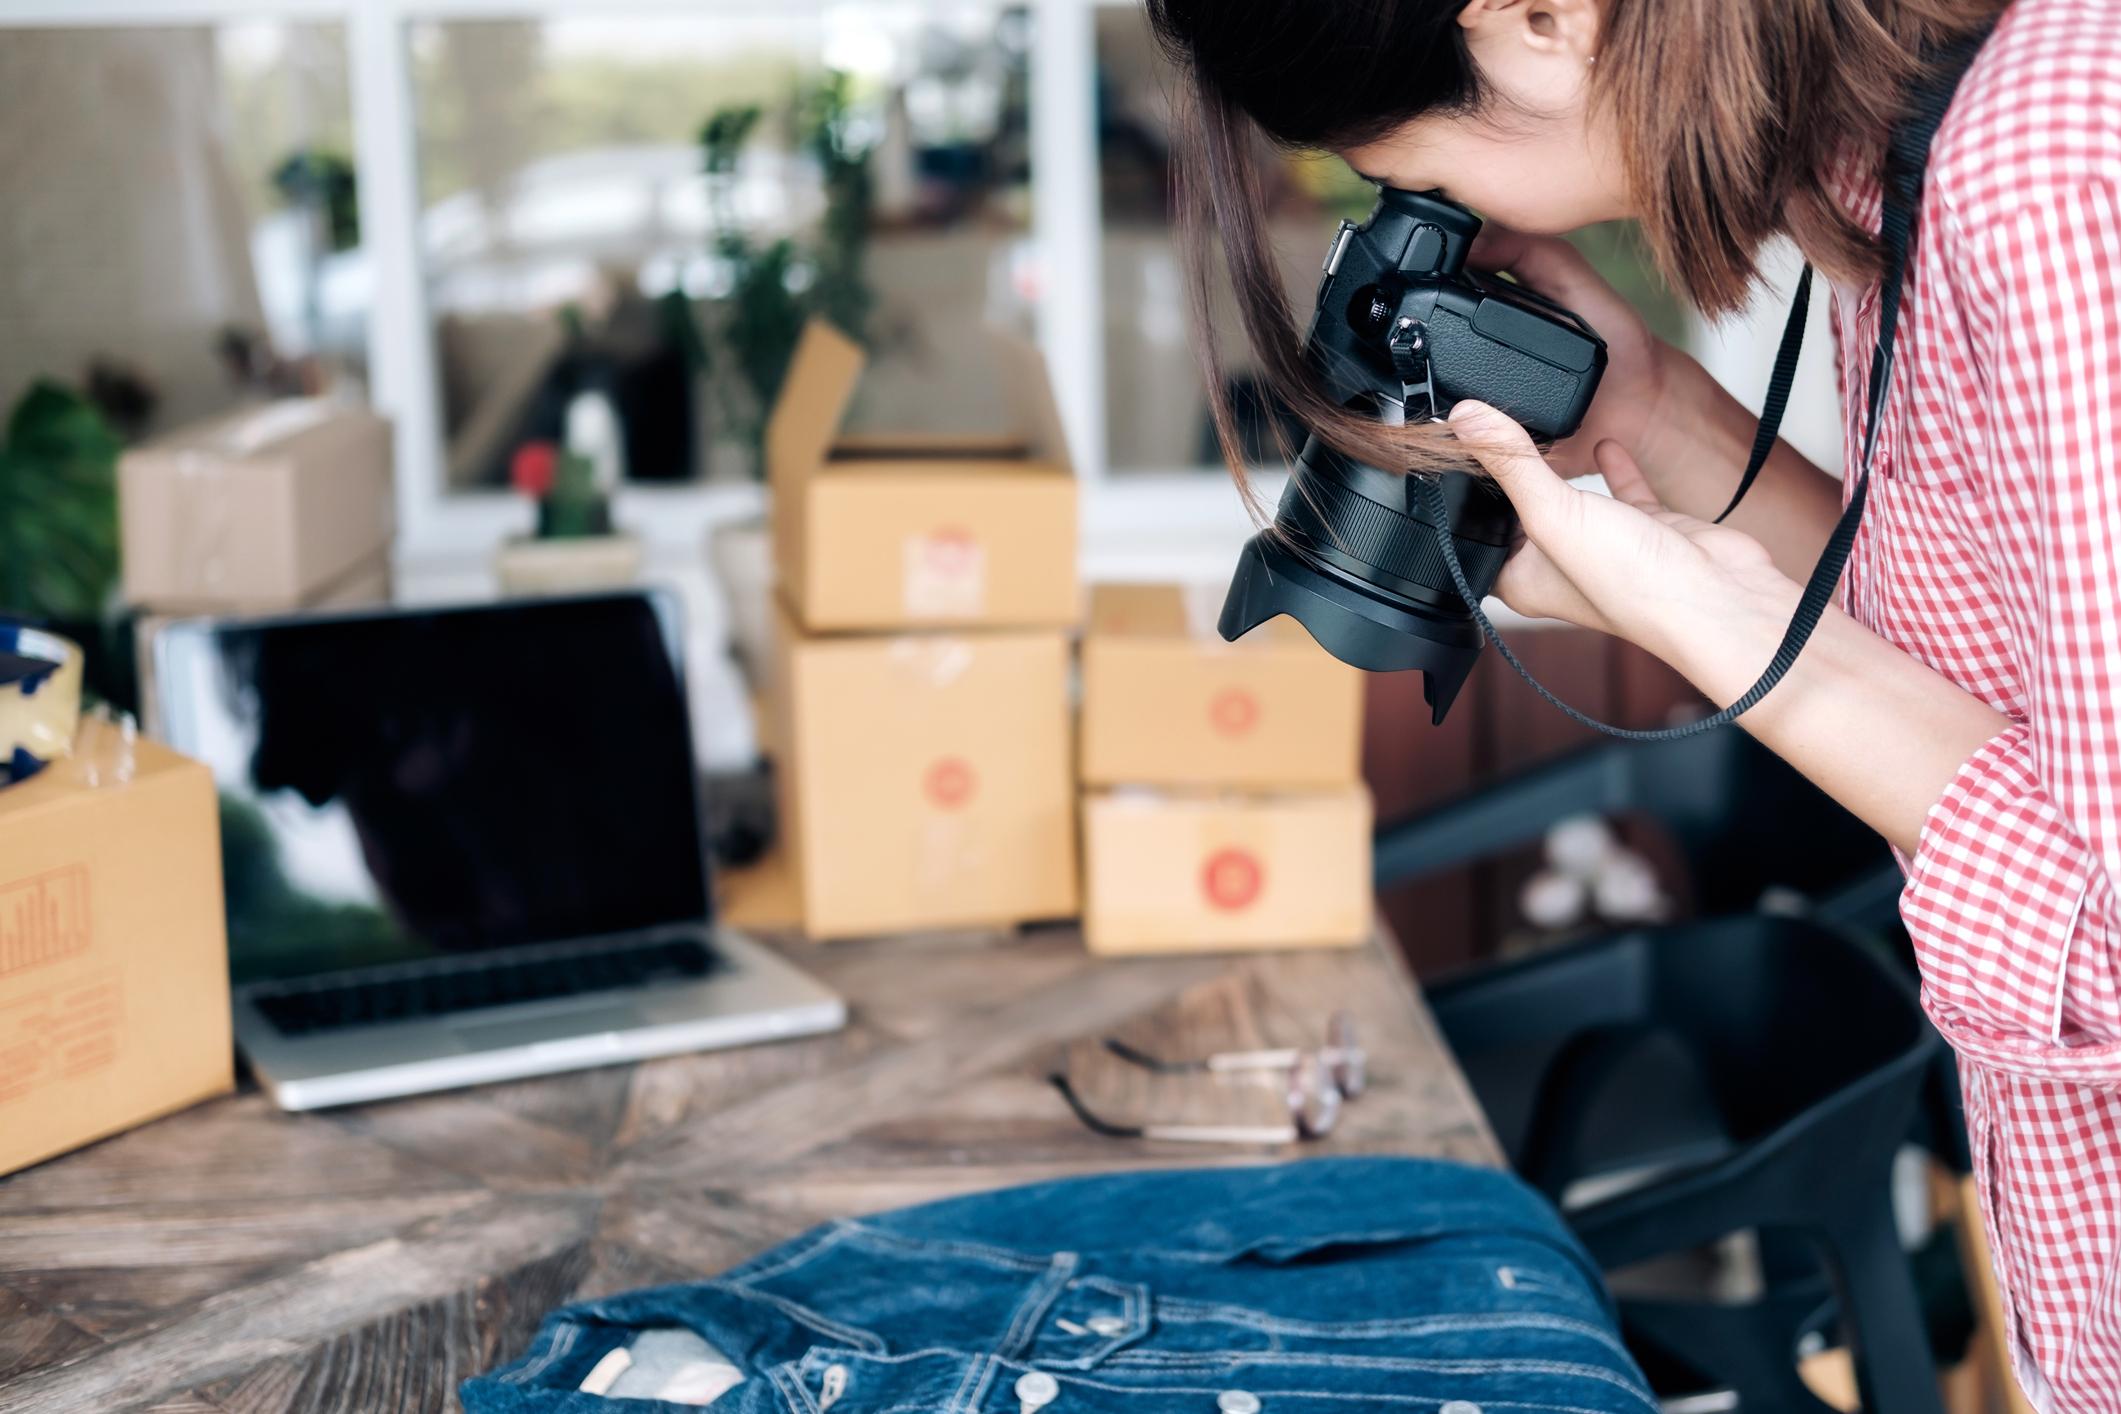 Online seller taking photograph of denim shirt before uploading image to website.